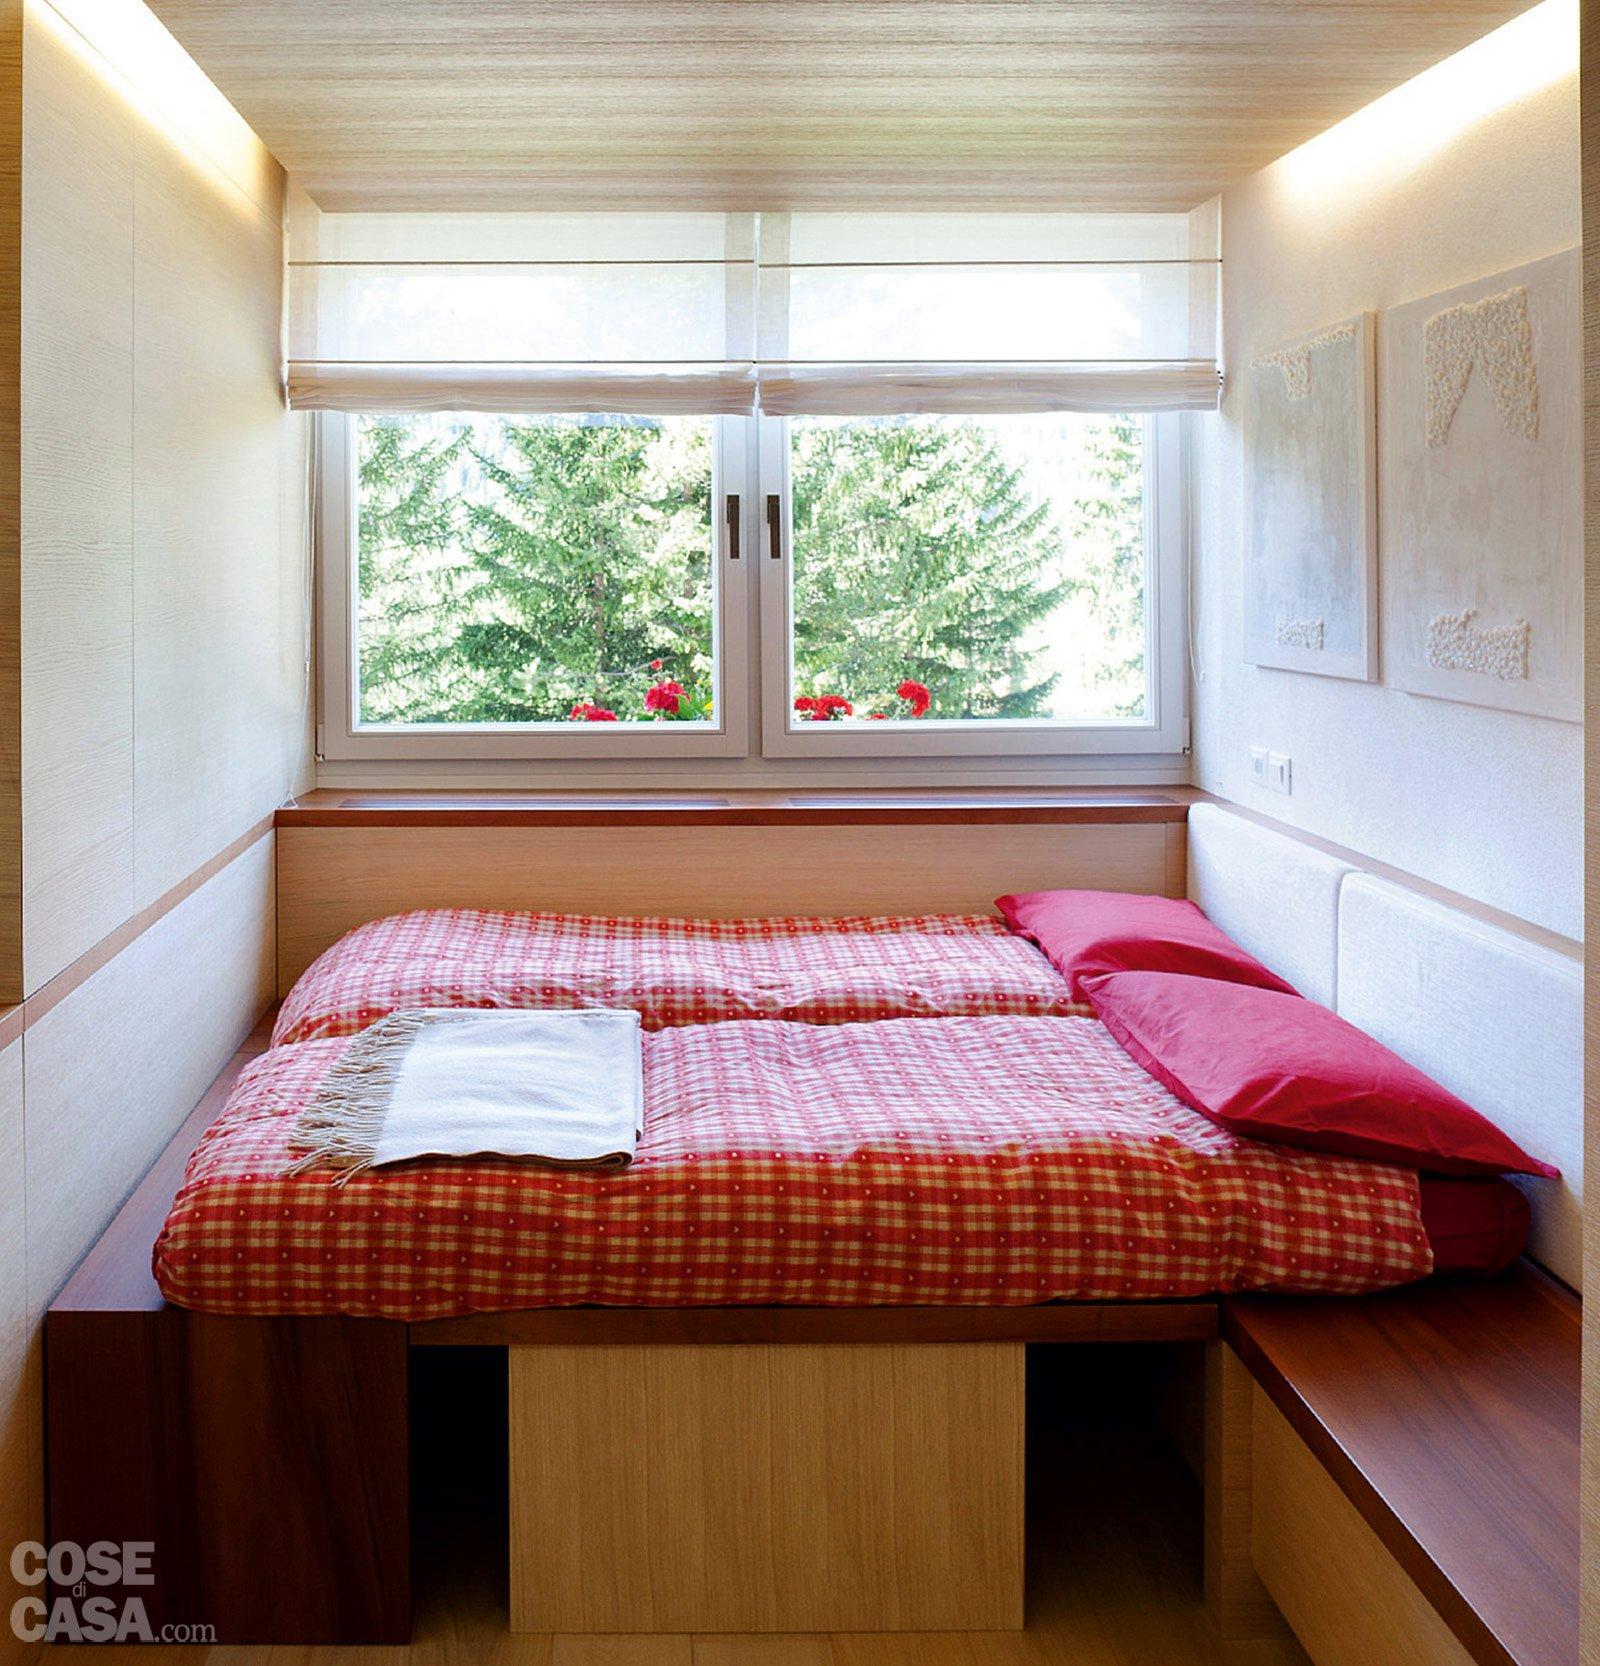 57 mq una casa con stanze trasformabili cose di casa for Camera da letto con divano